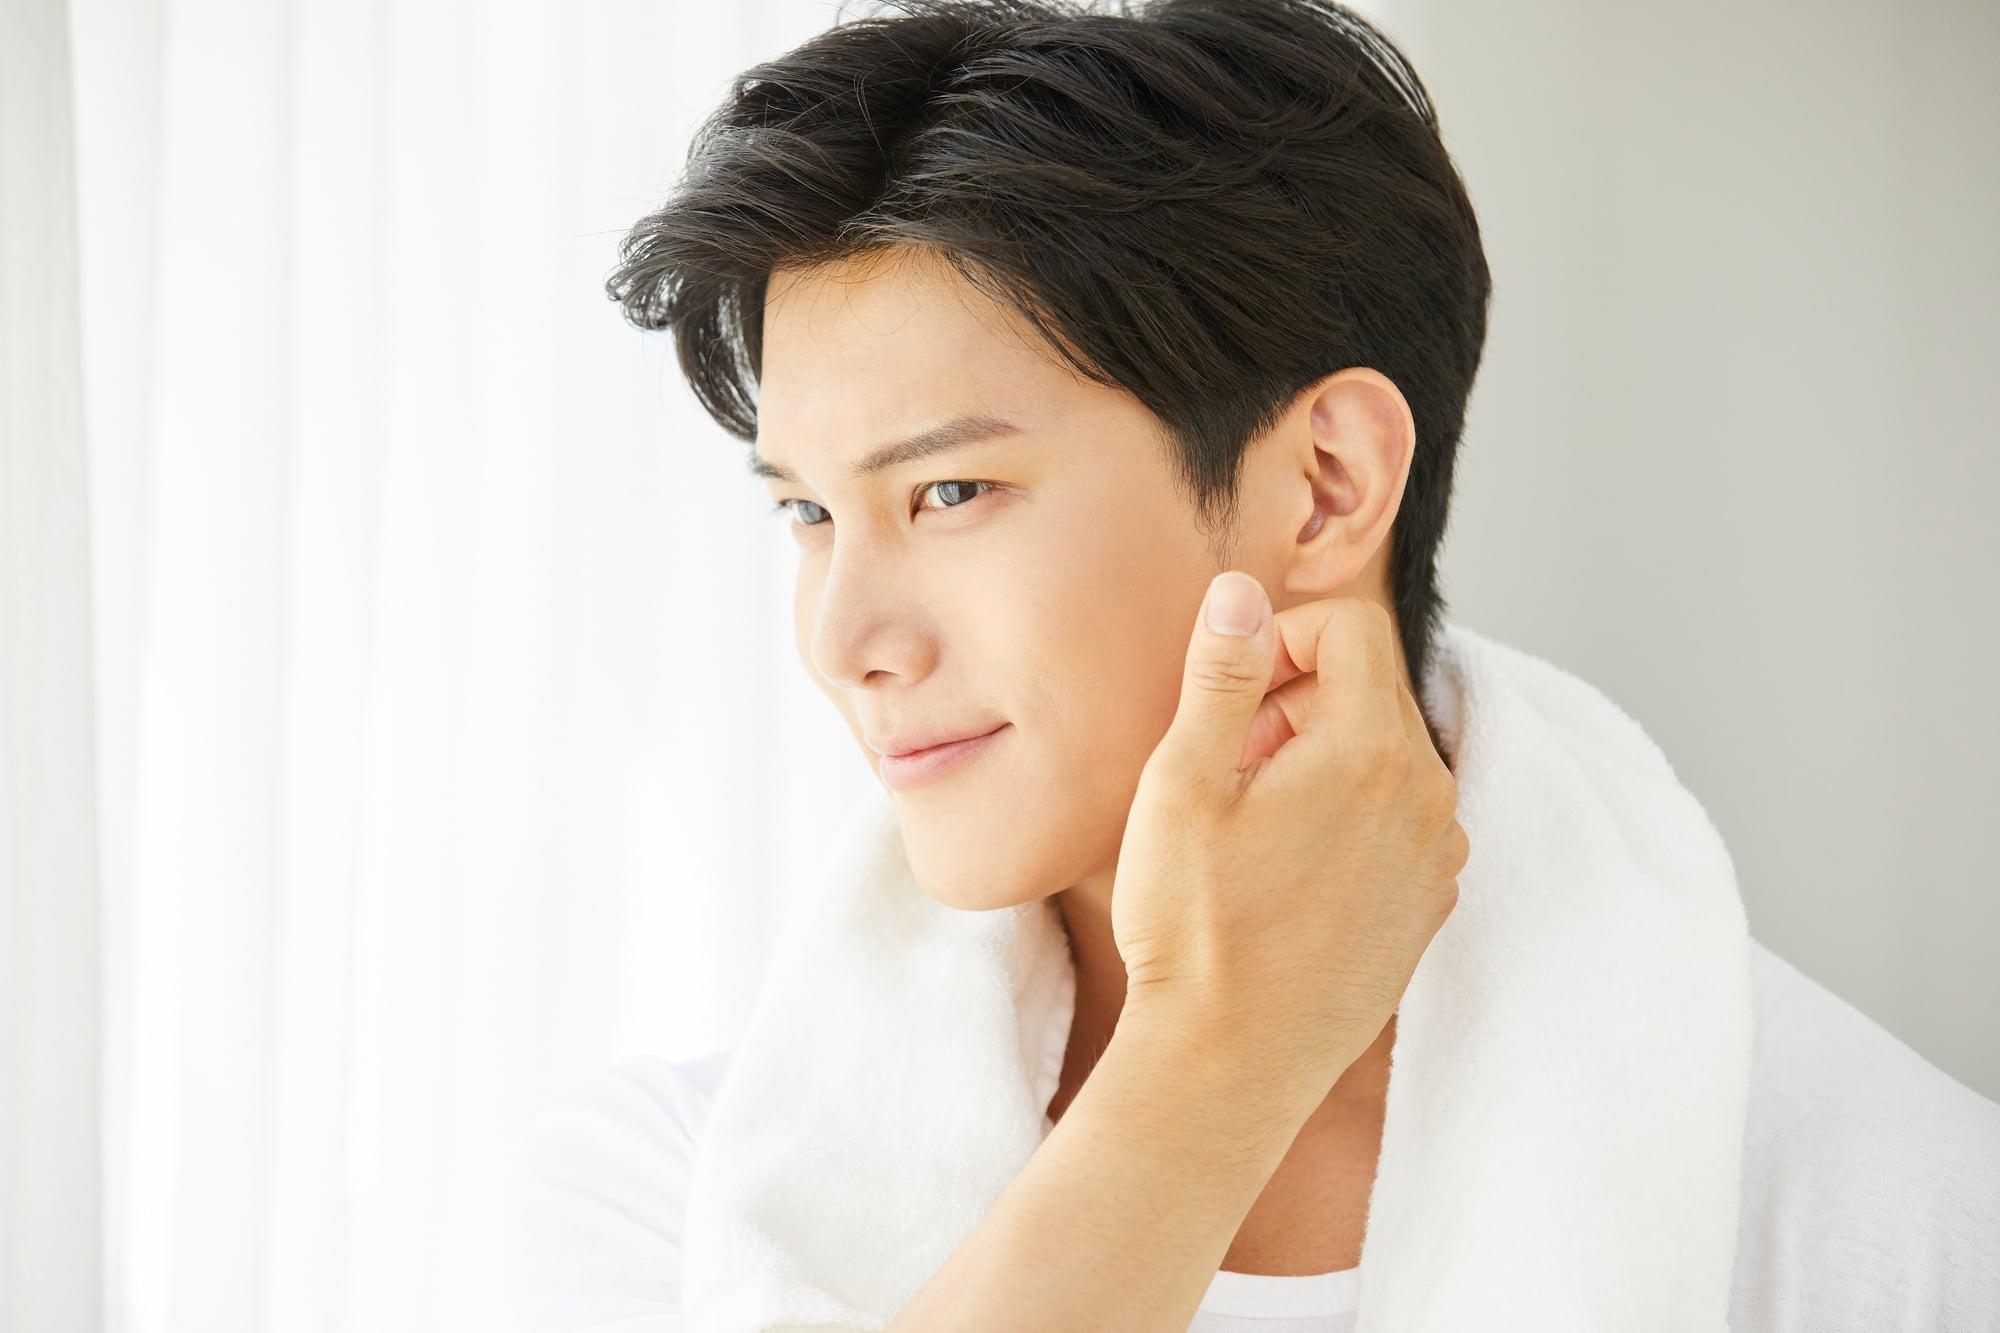 【東京のメンズエステ】男磨きをする男性を女性はどう思っているの?